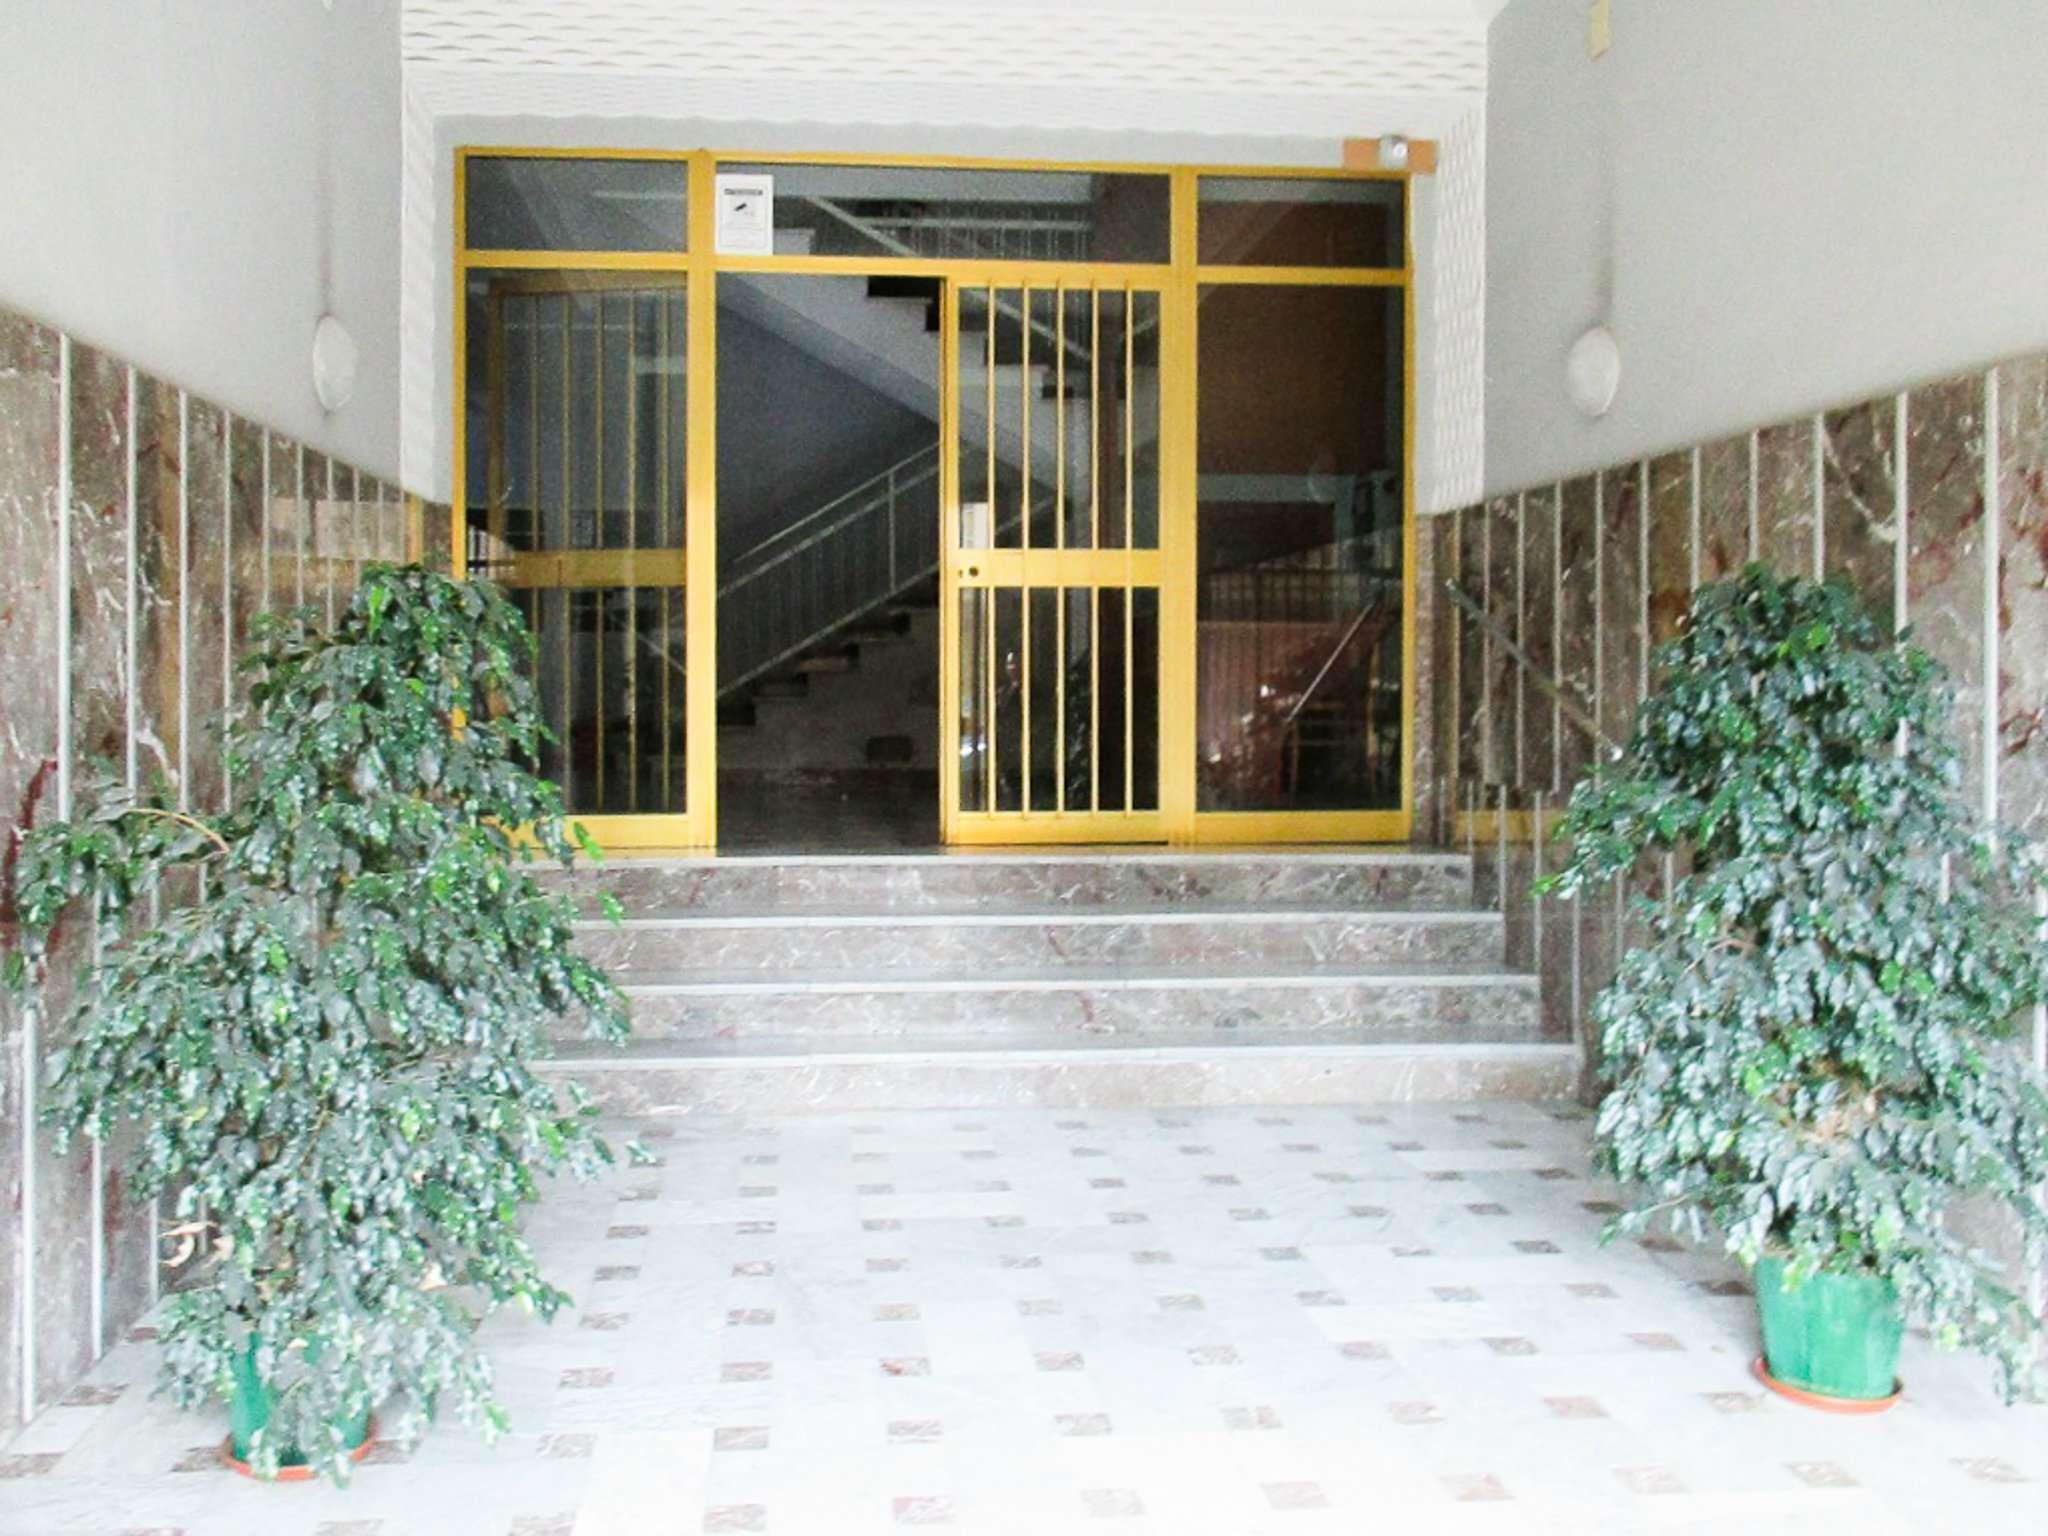 Appartamento in vendita a Caltanissetta, 5 locali, prezzo € 110.000 | CambioCasa.it